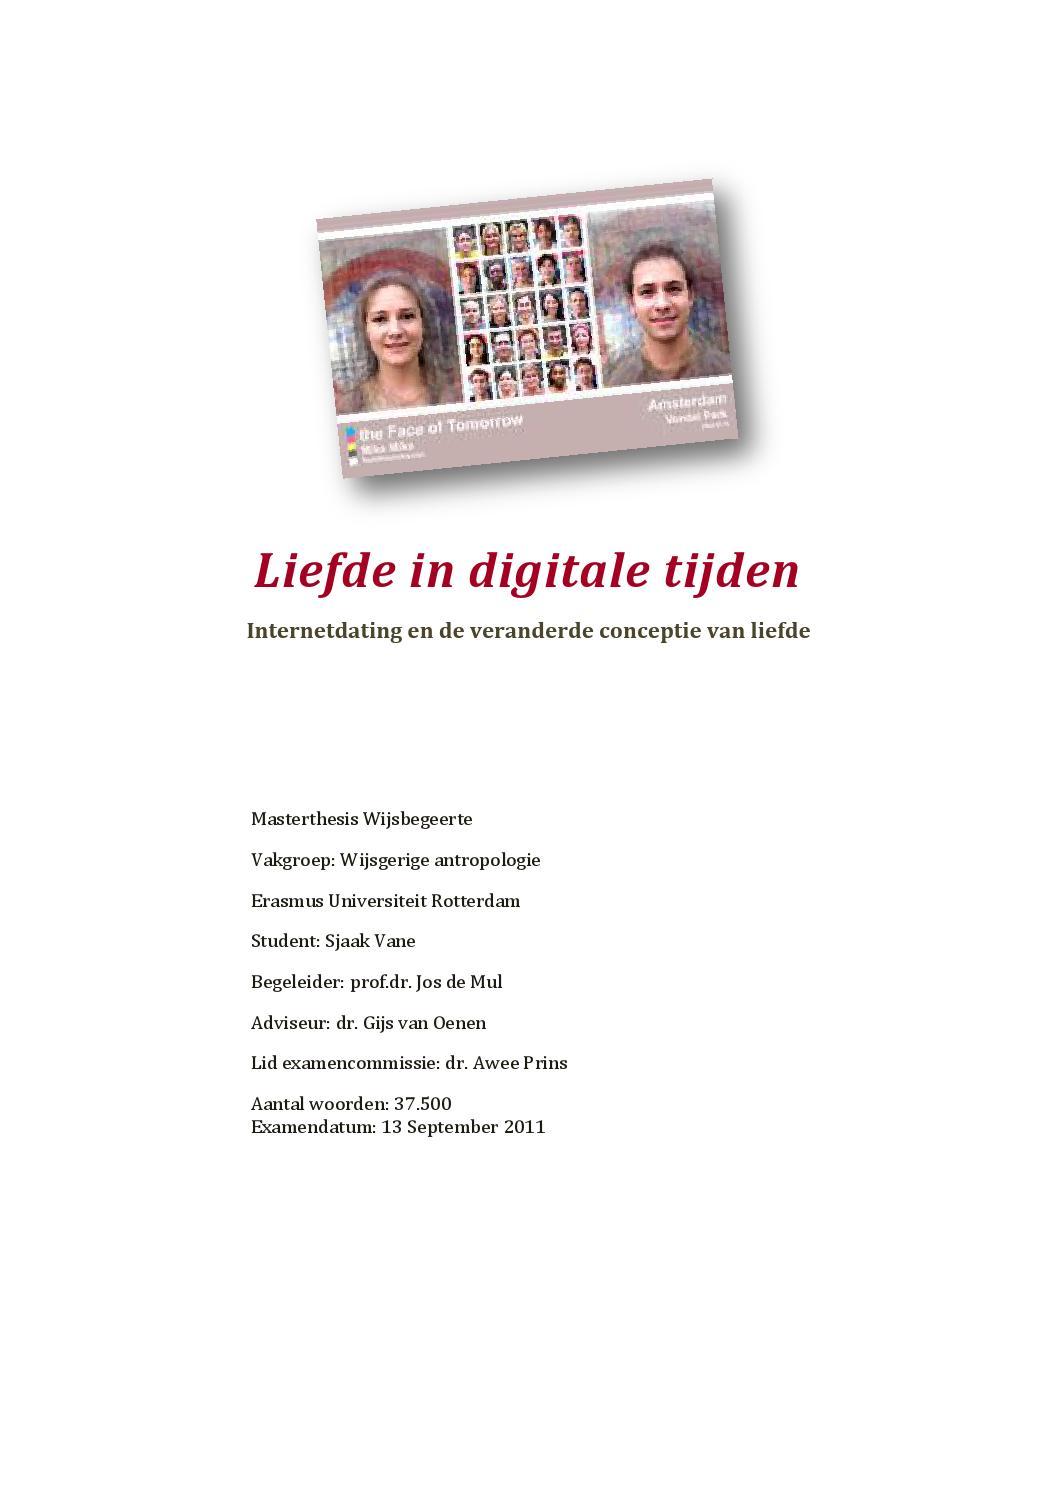 Relationshopping onderzoek naar de markt metafoor in online dating